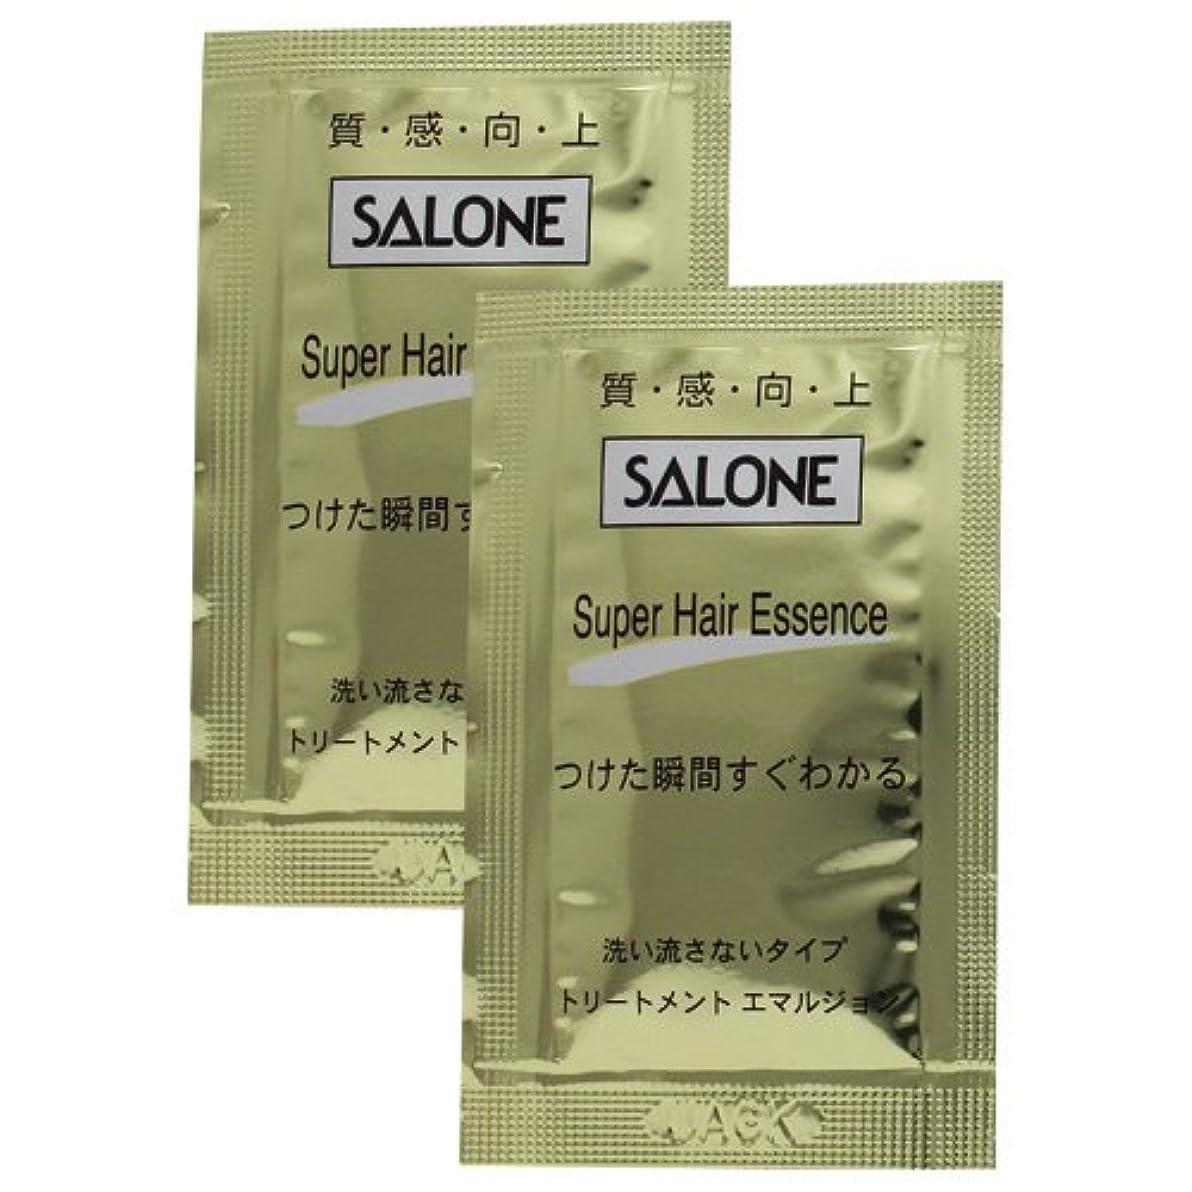 【2点セット】サローネ スーパーヘアエッセンス パウチ 【洗い流さないトリートメント】